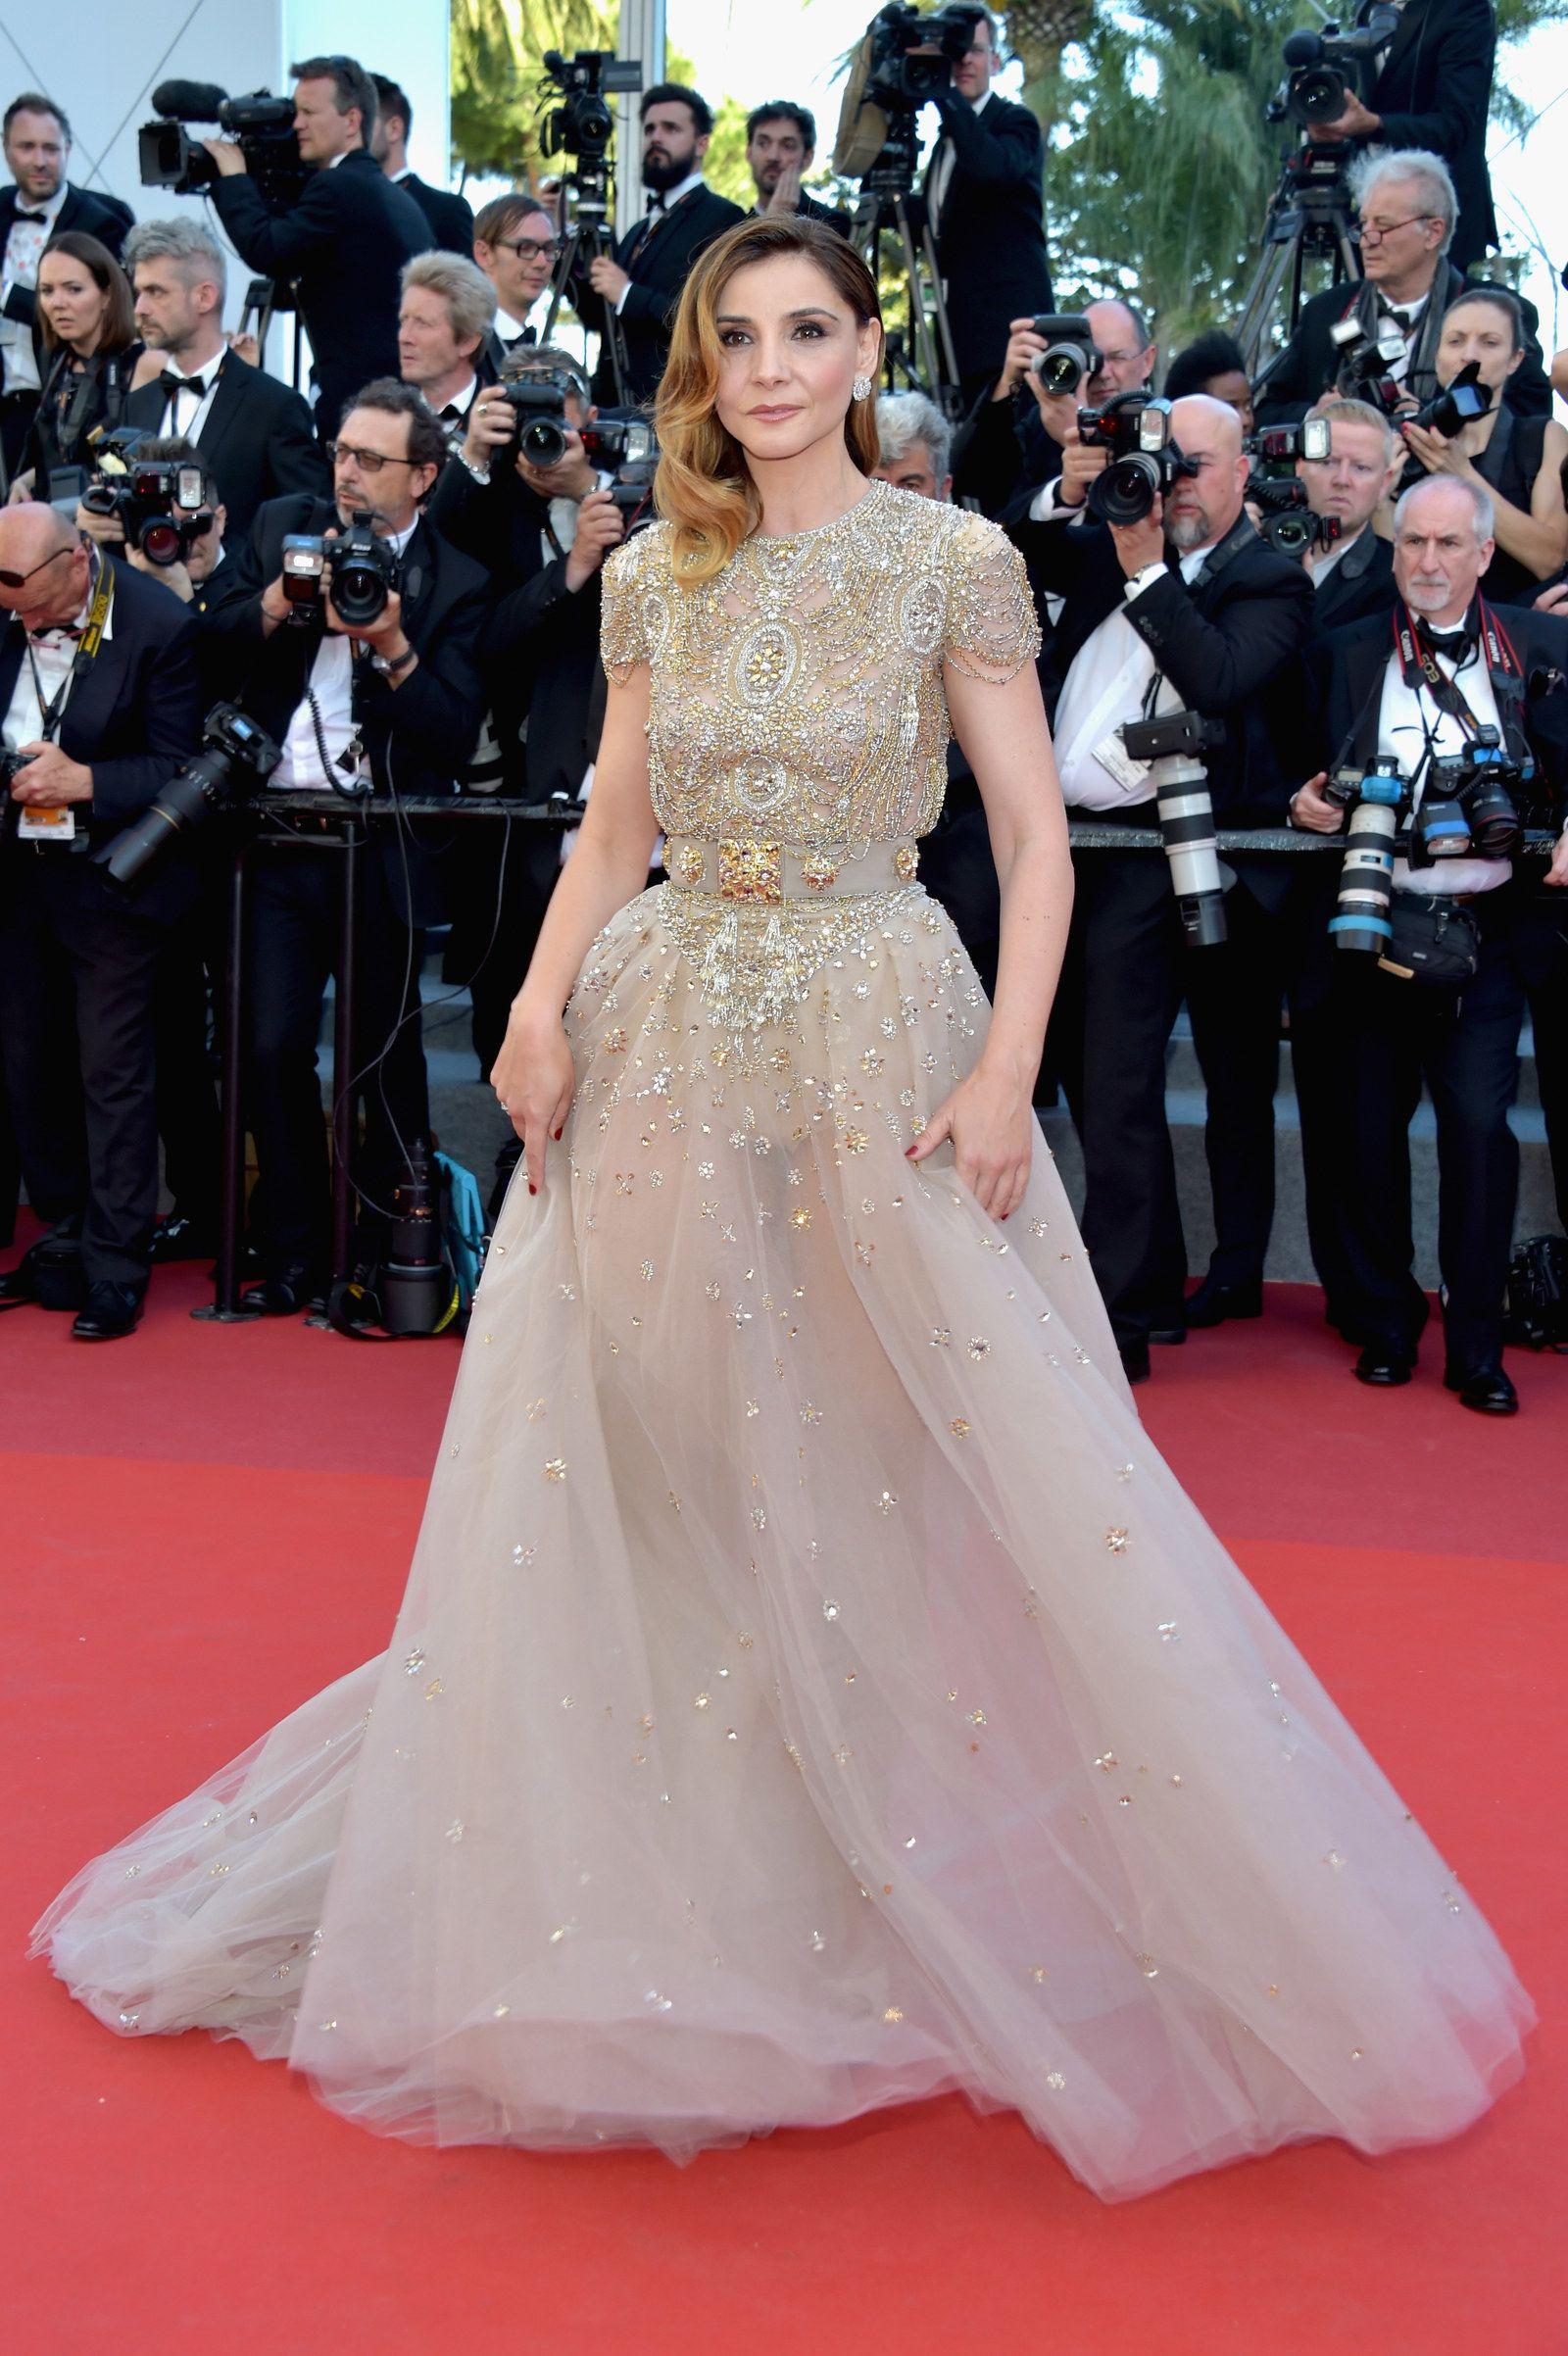 La reine Jessica Chastain a encore brillé de mille feux <3